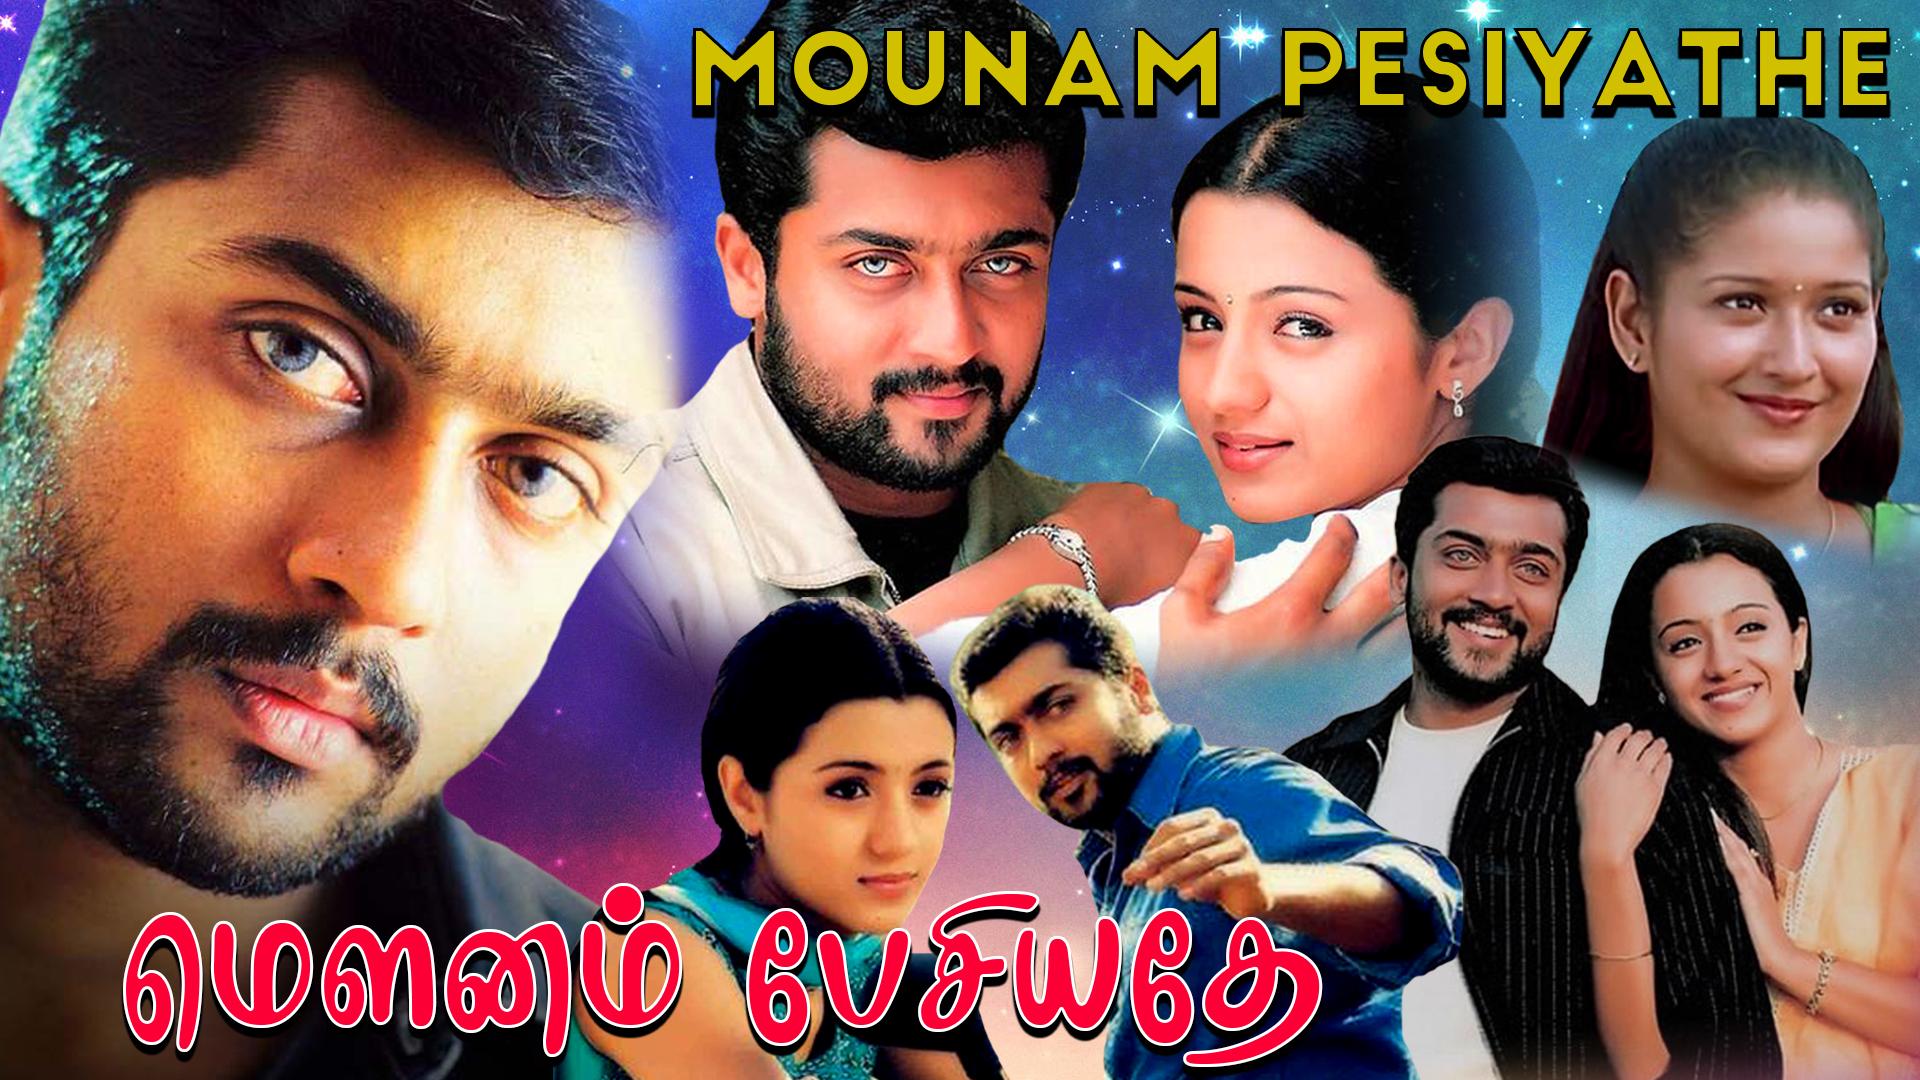 Mounam Pesiyadhe